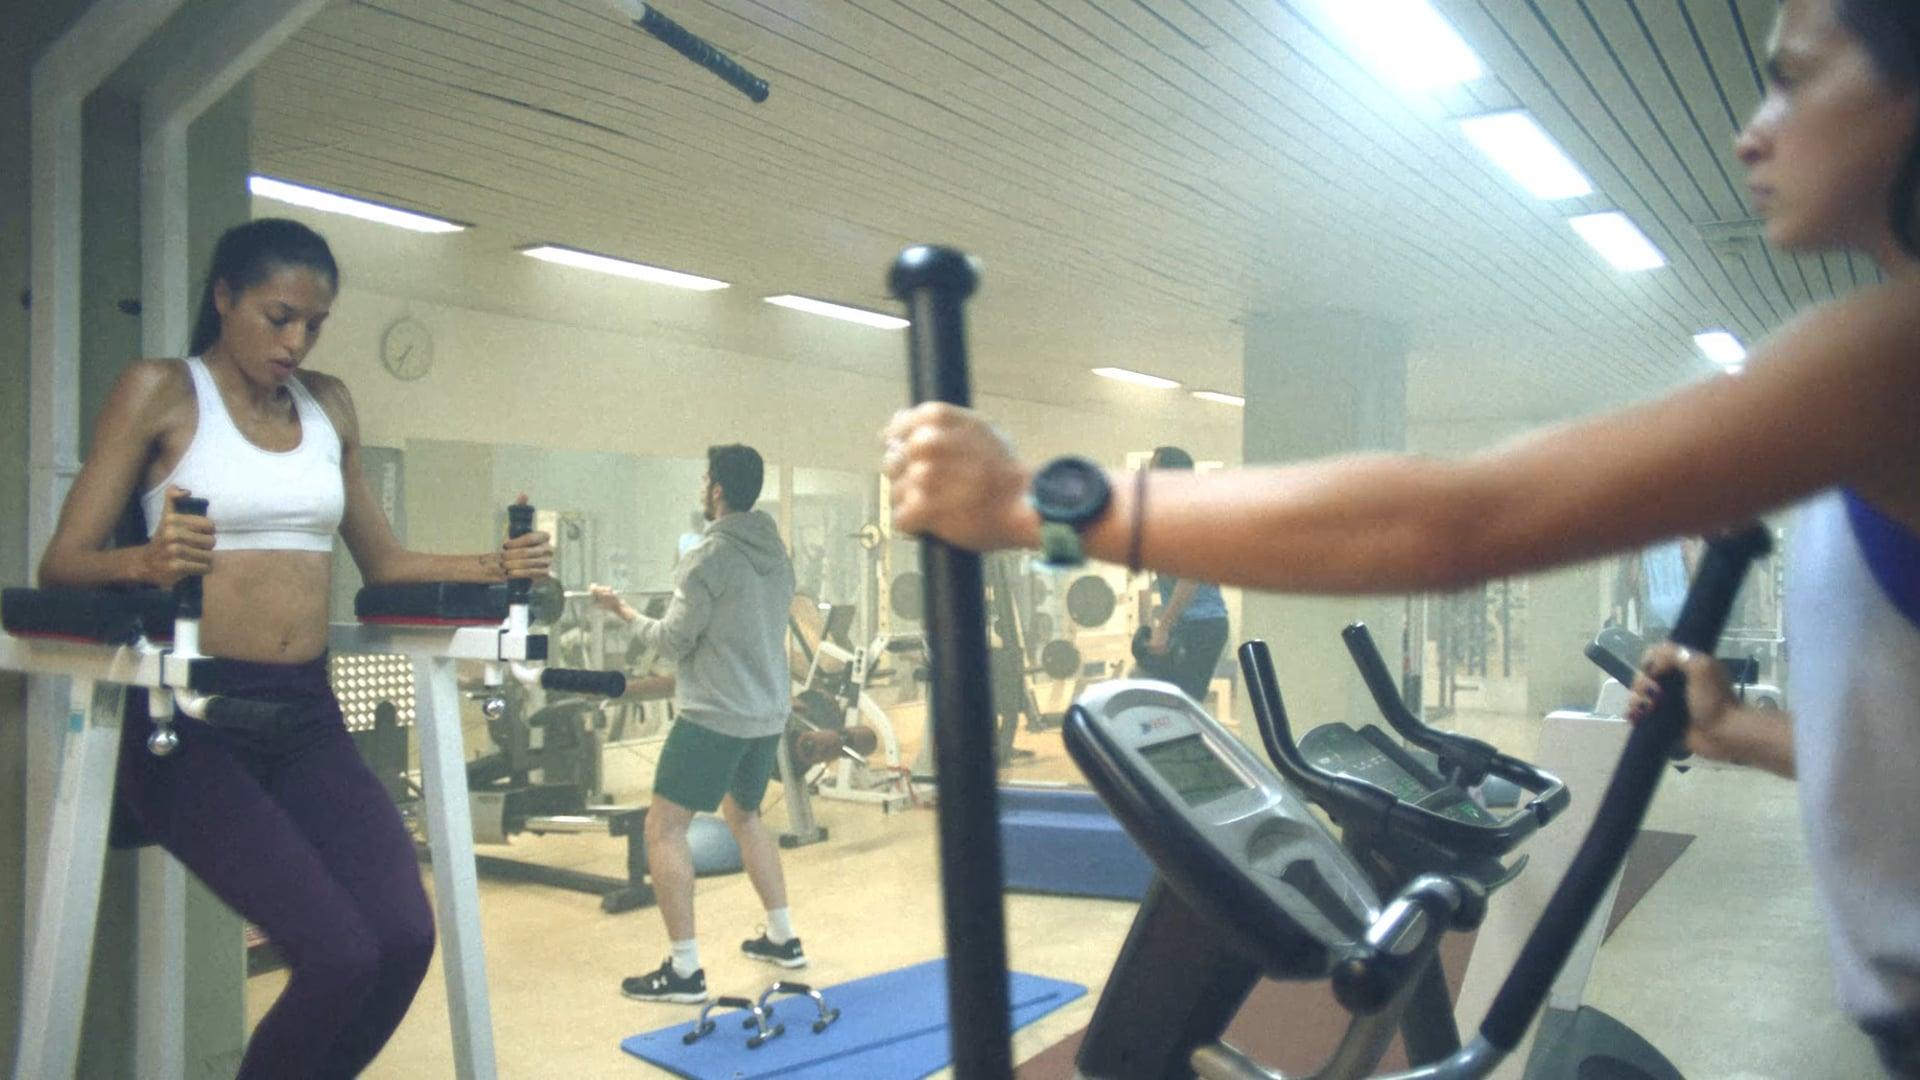 EFTHIMIS SANIDIS   STOIXIMAN.GR - Faster Stronger Better